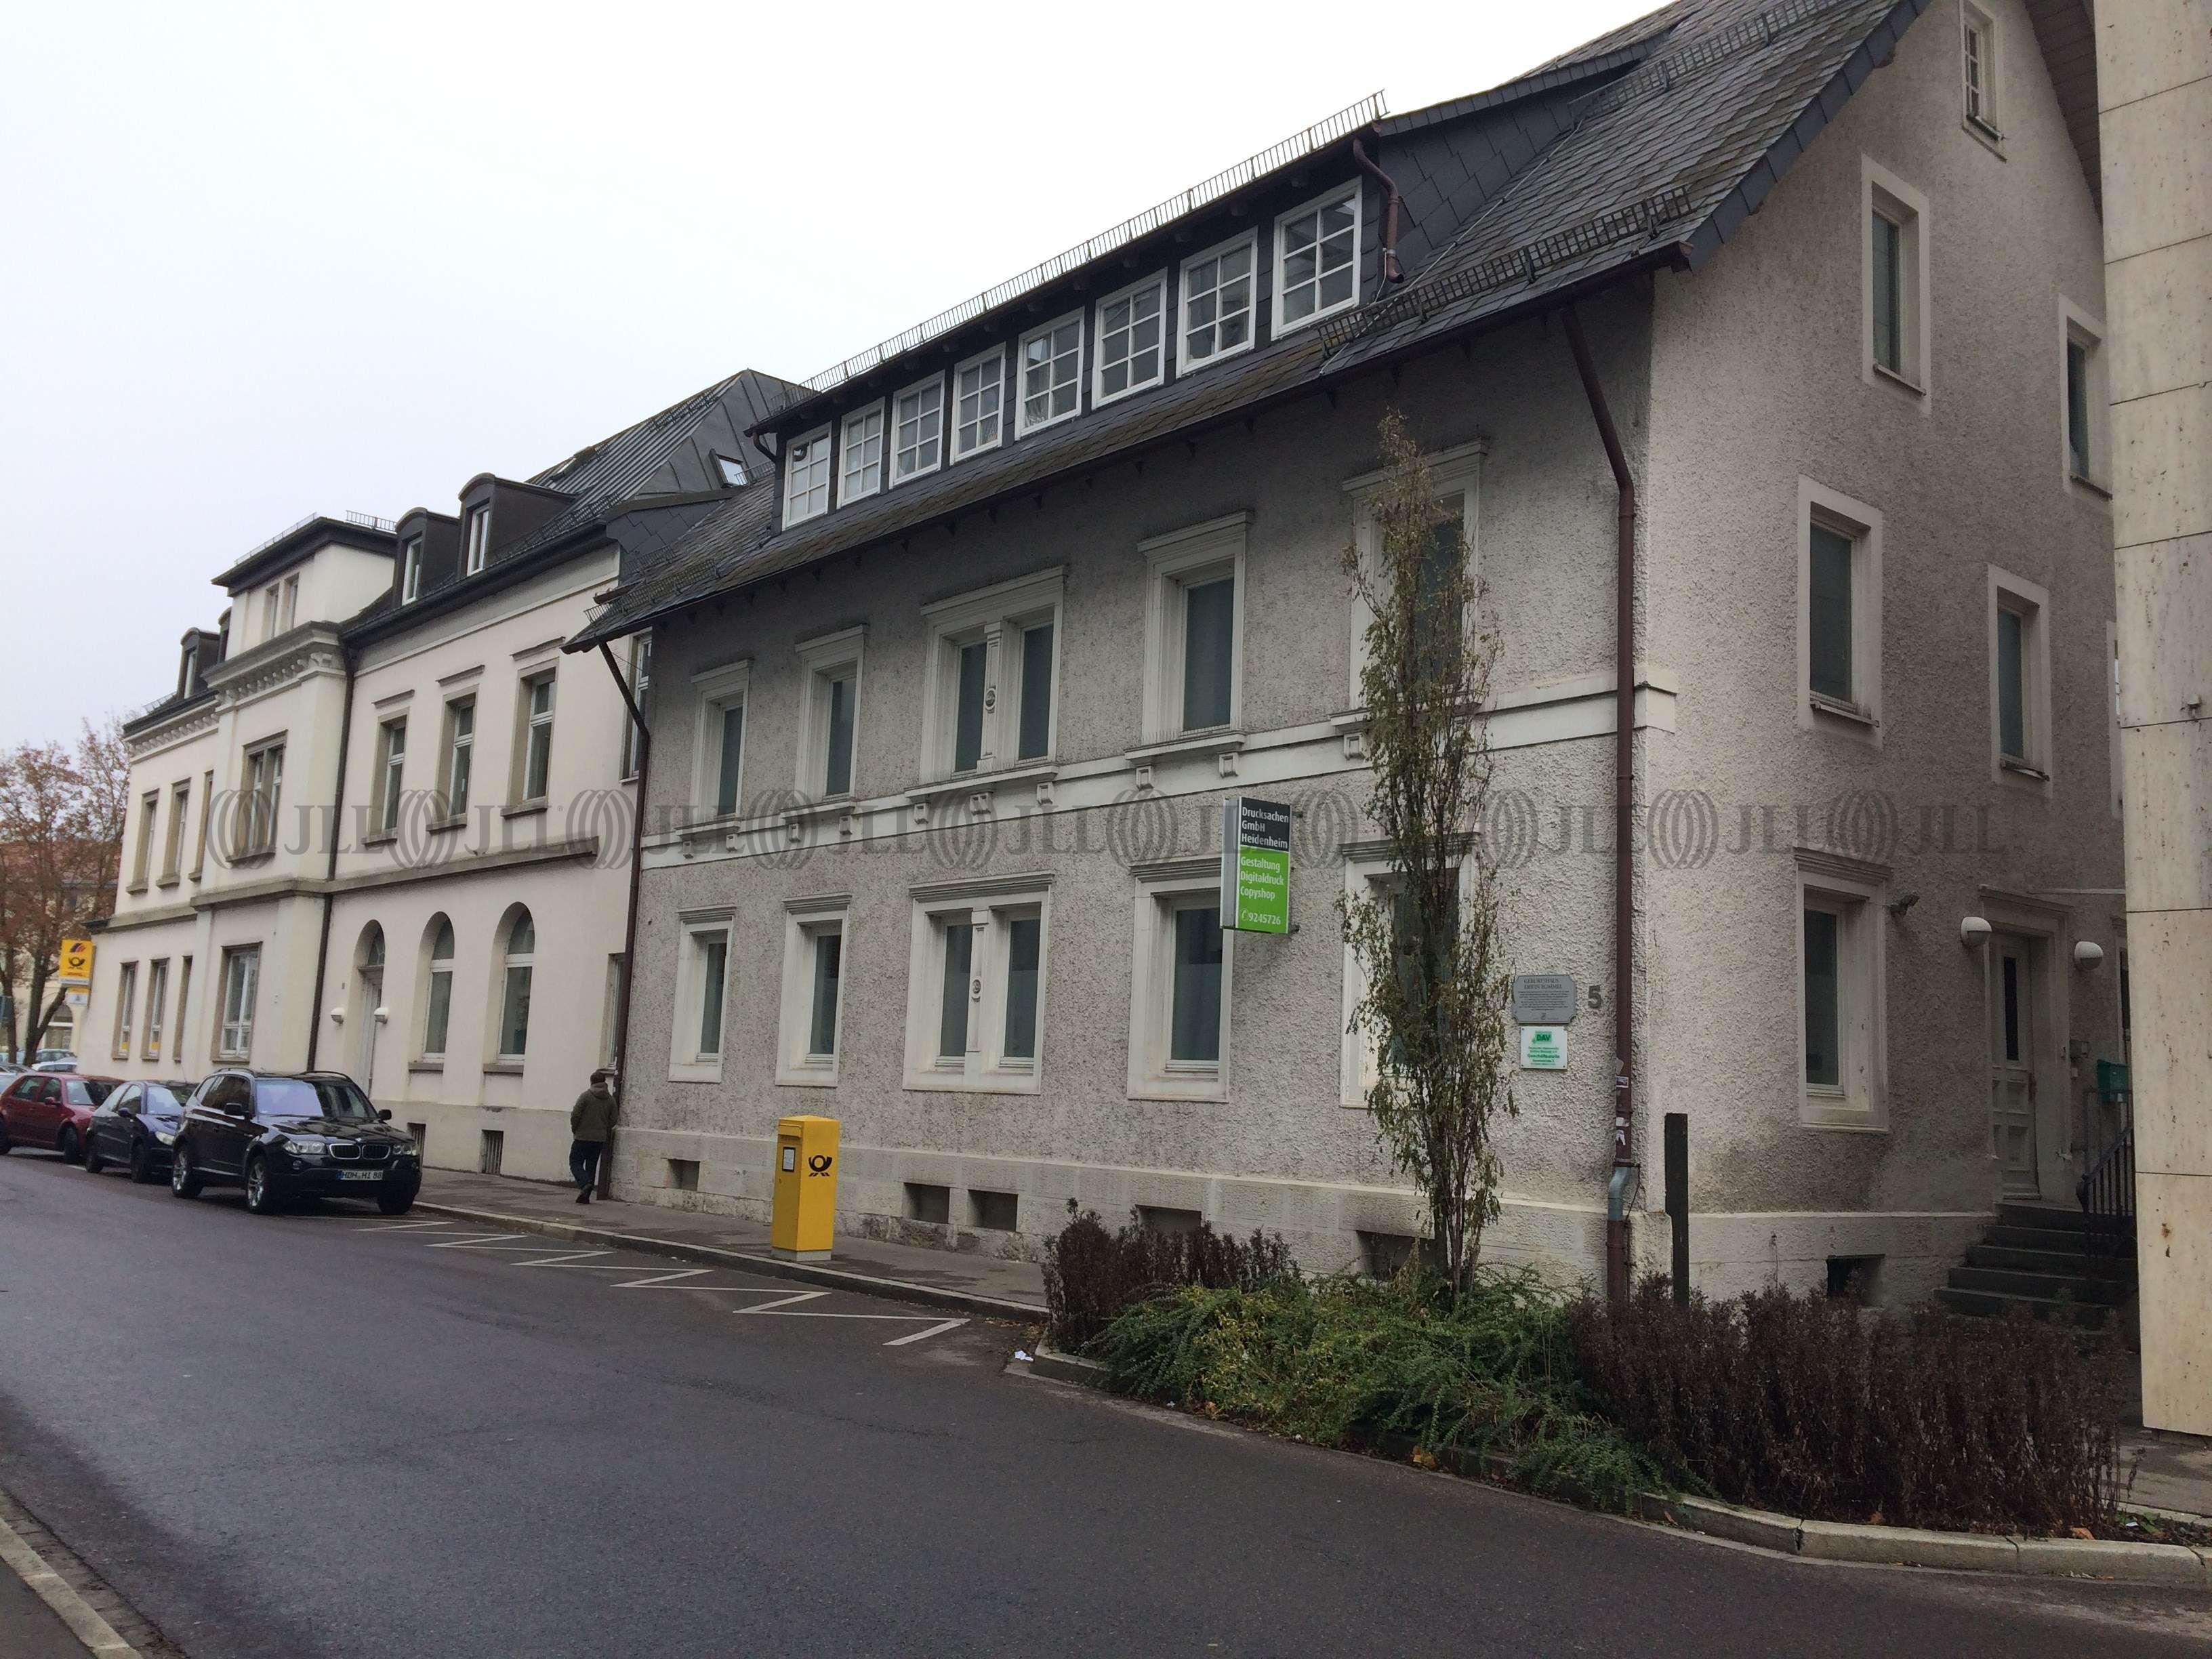 Büros Heidenheim an der brenz, 89518 - Büro - Heidenheim an der Brenz - S0504 - 9552876